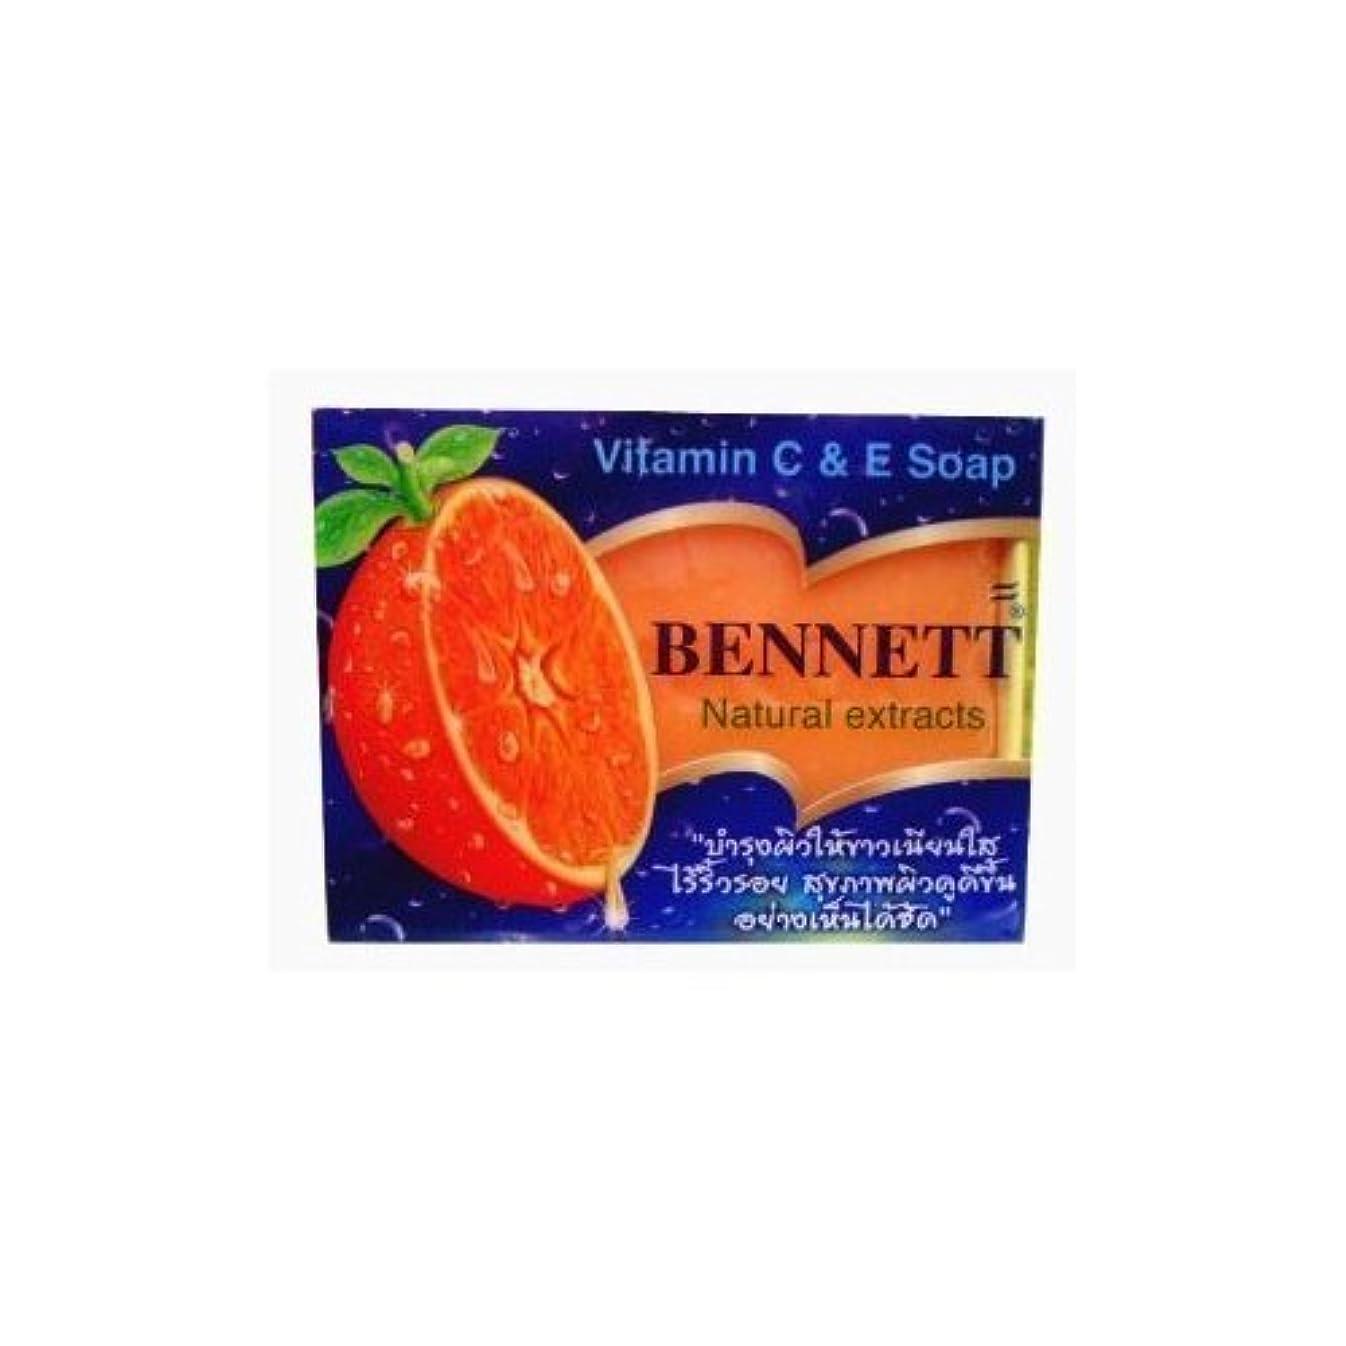 突然無知敵意High Vitamin Fruit Extract Body and Face Bar Spa Soap 4.59 0z, Enriched Vitamin C & E Skin Smooth & Anti Acne...